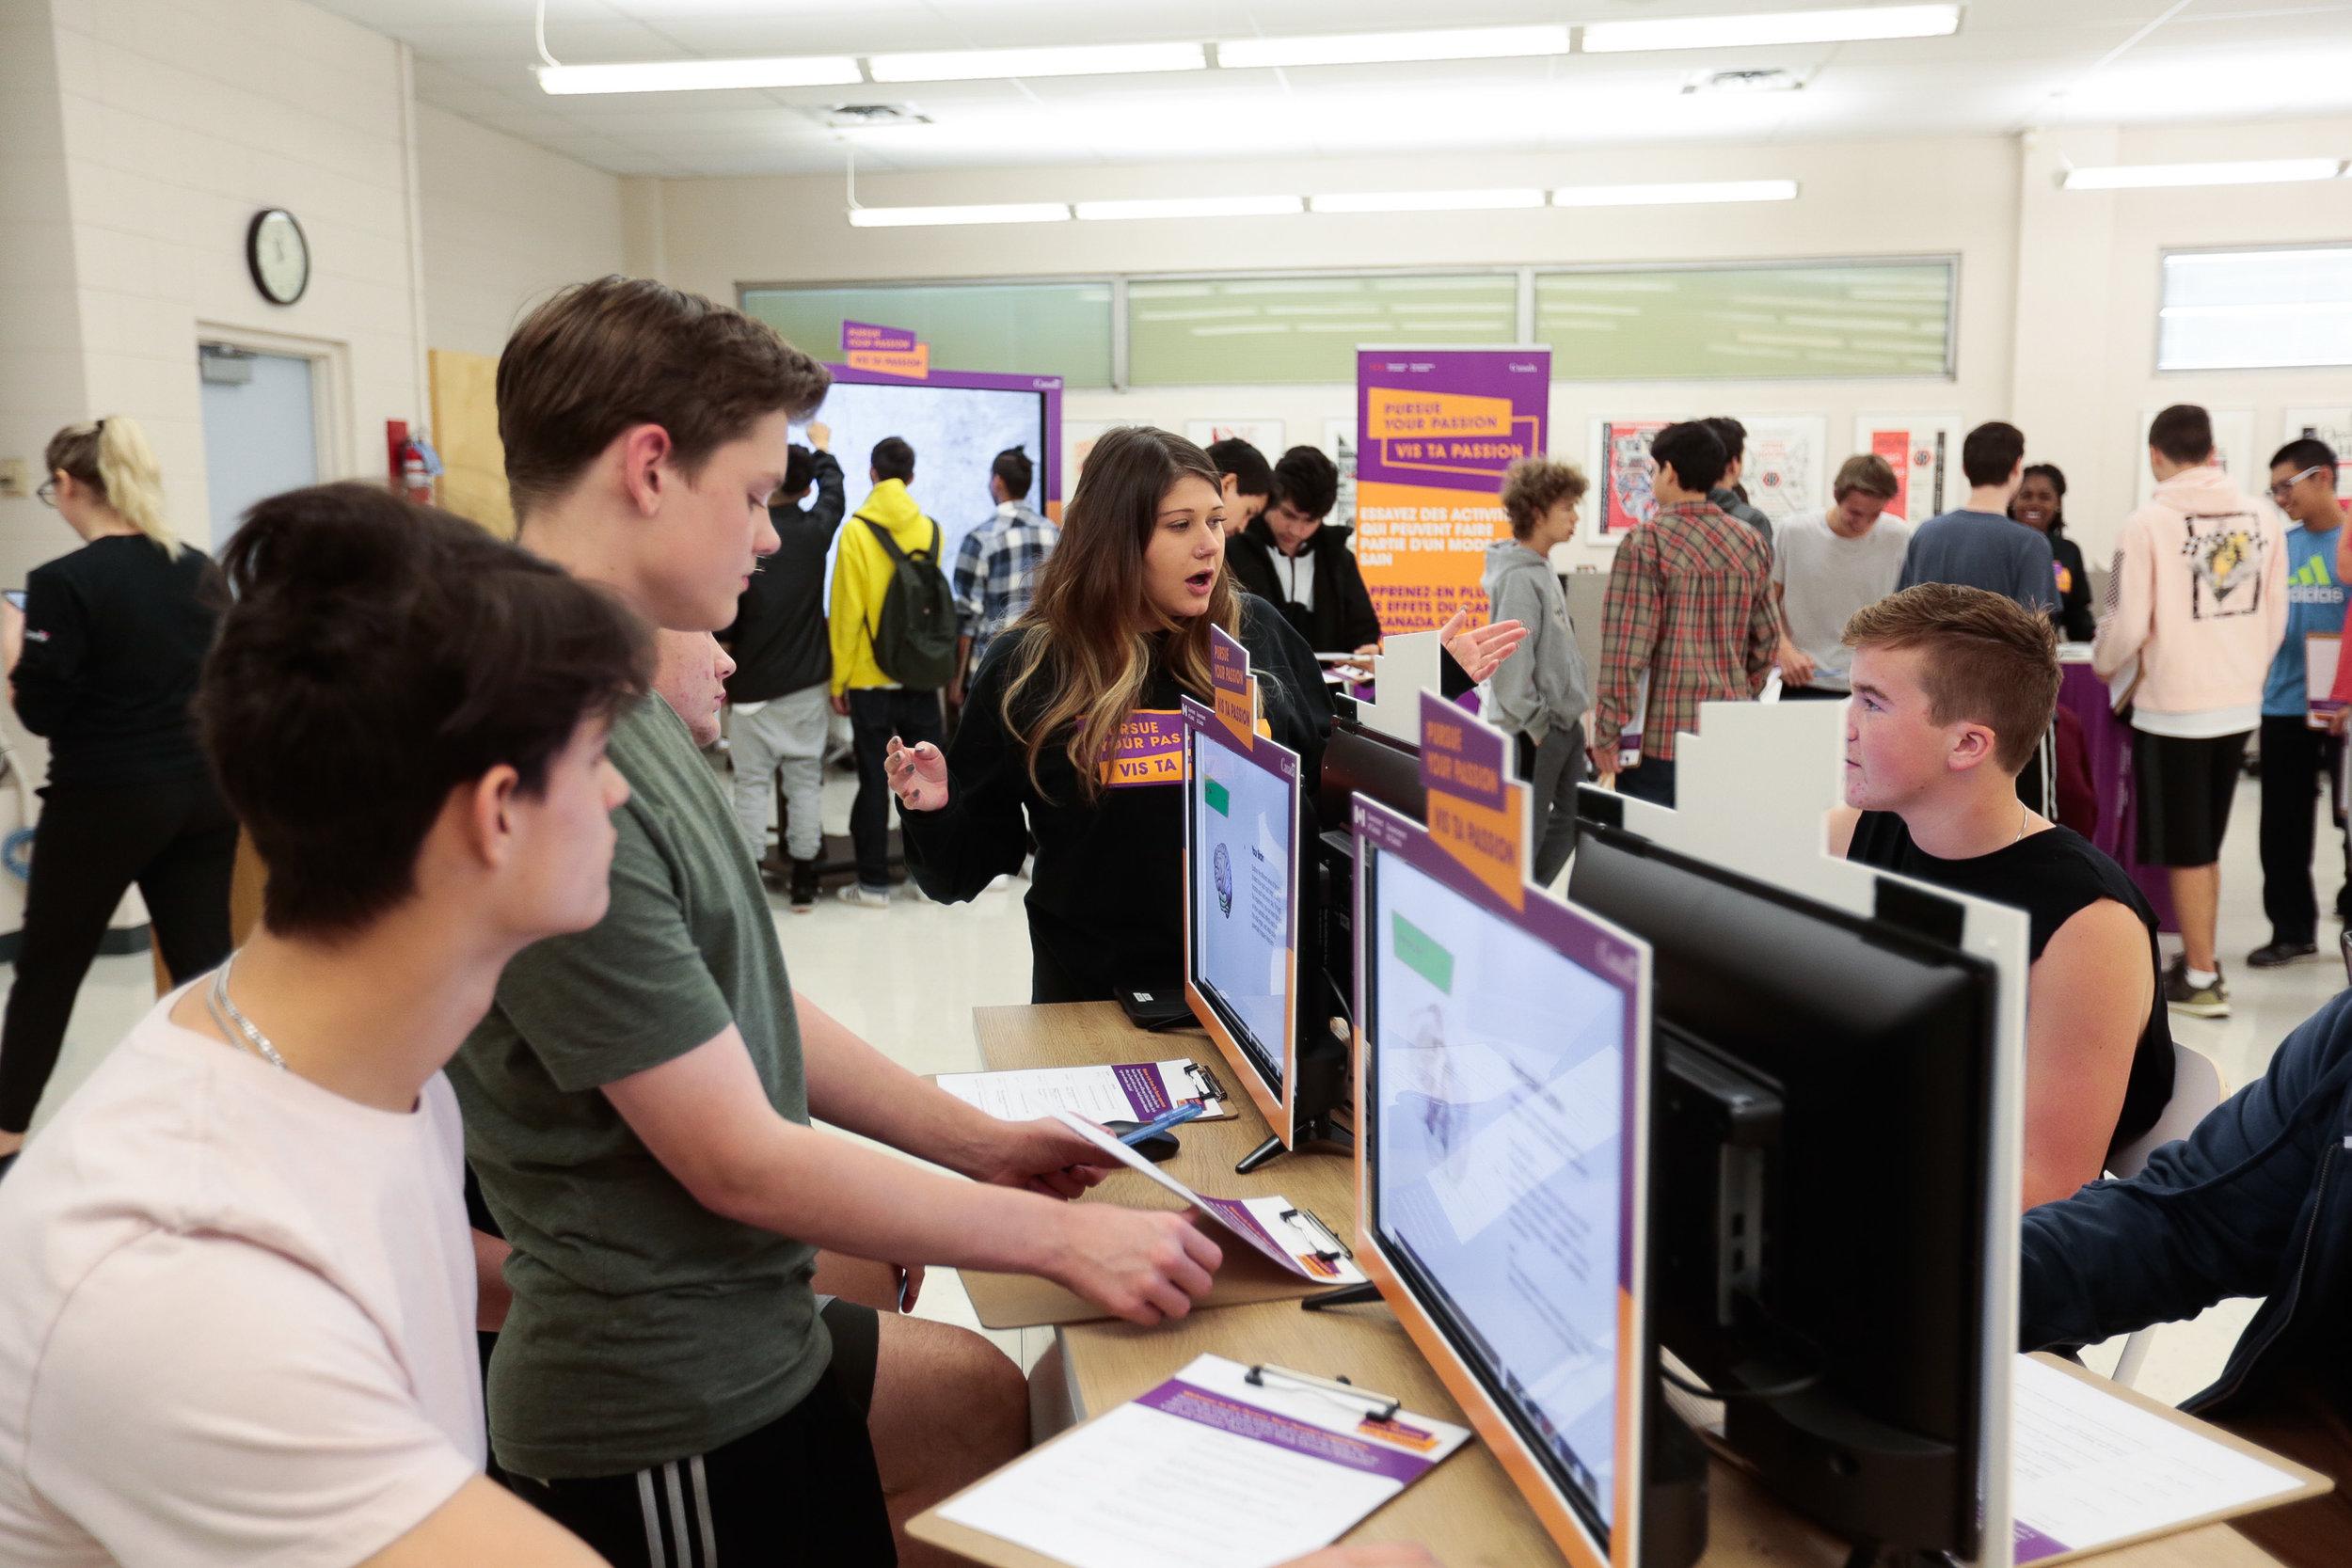 Des étudiants utilisant le Cerveau 360 sur des écrans d'ordinateur